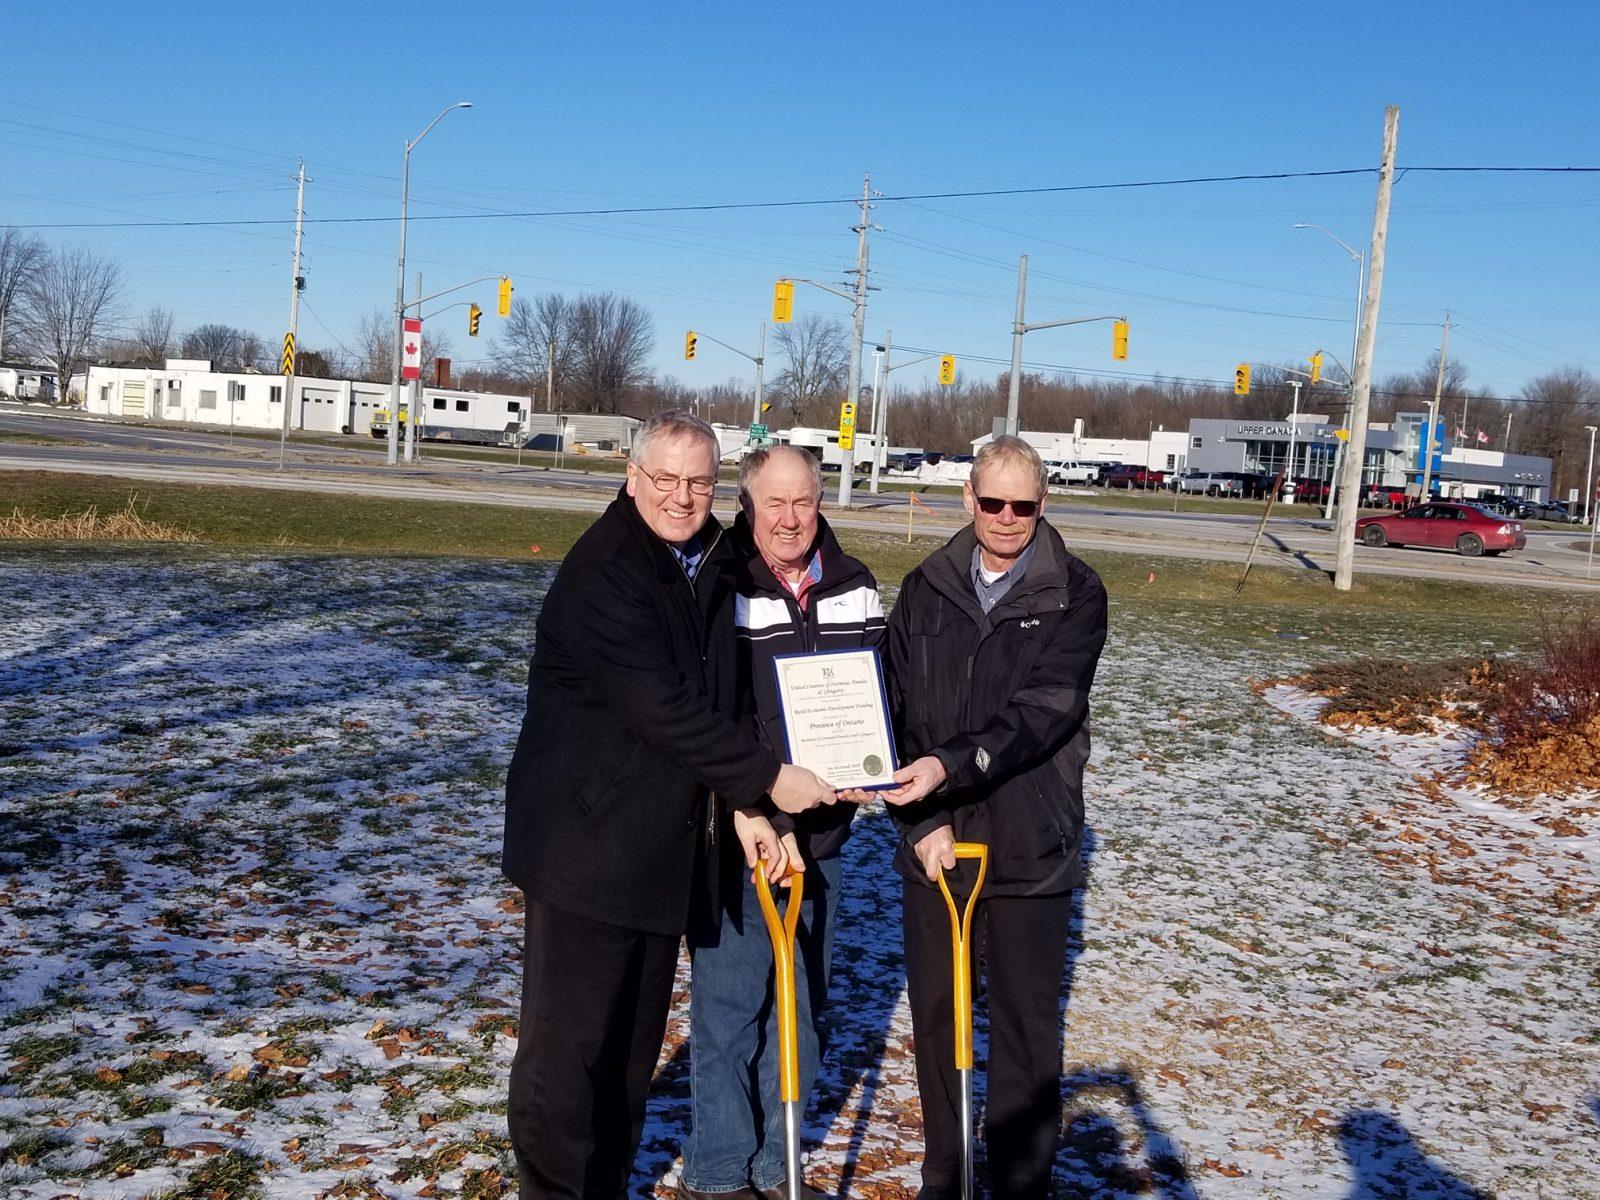 Funding for new Morrisburg streetscape